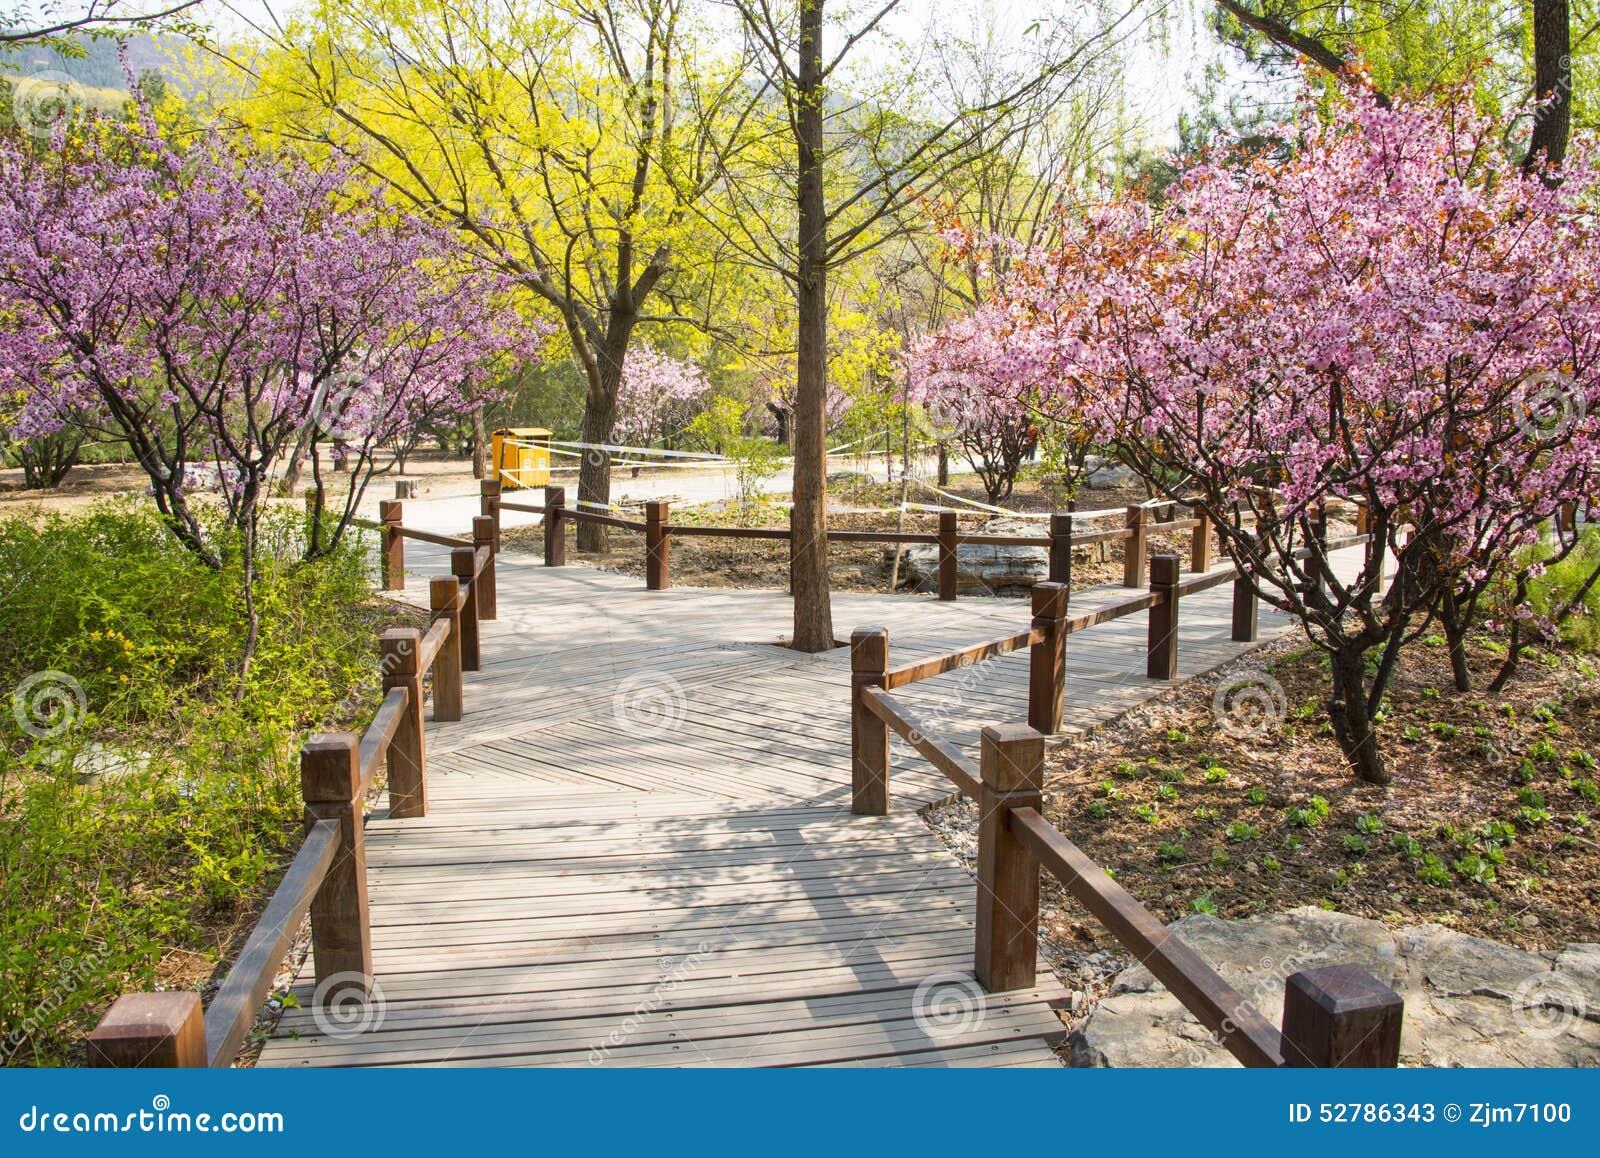 Flower gardens wallpaper - Asia Chinese Beijing Botanical Garden Spring Scenery The